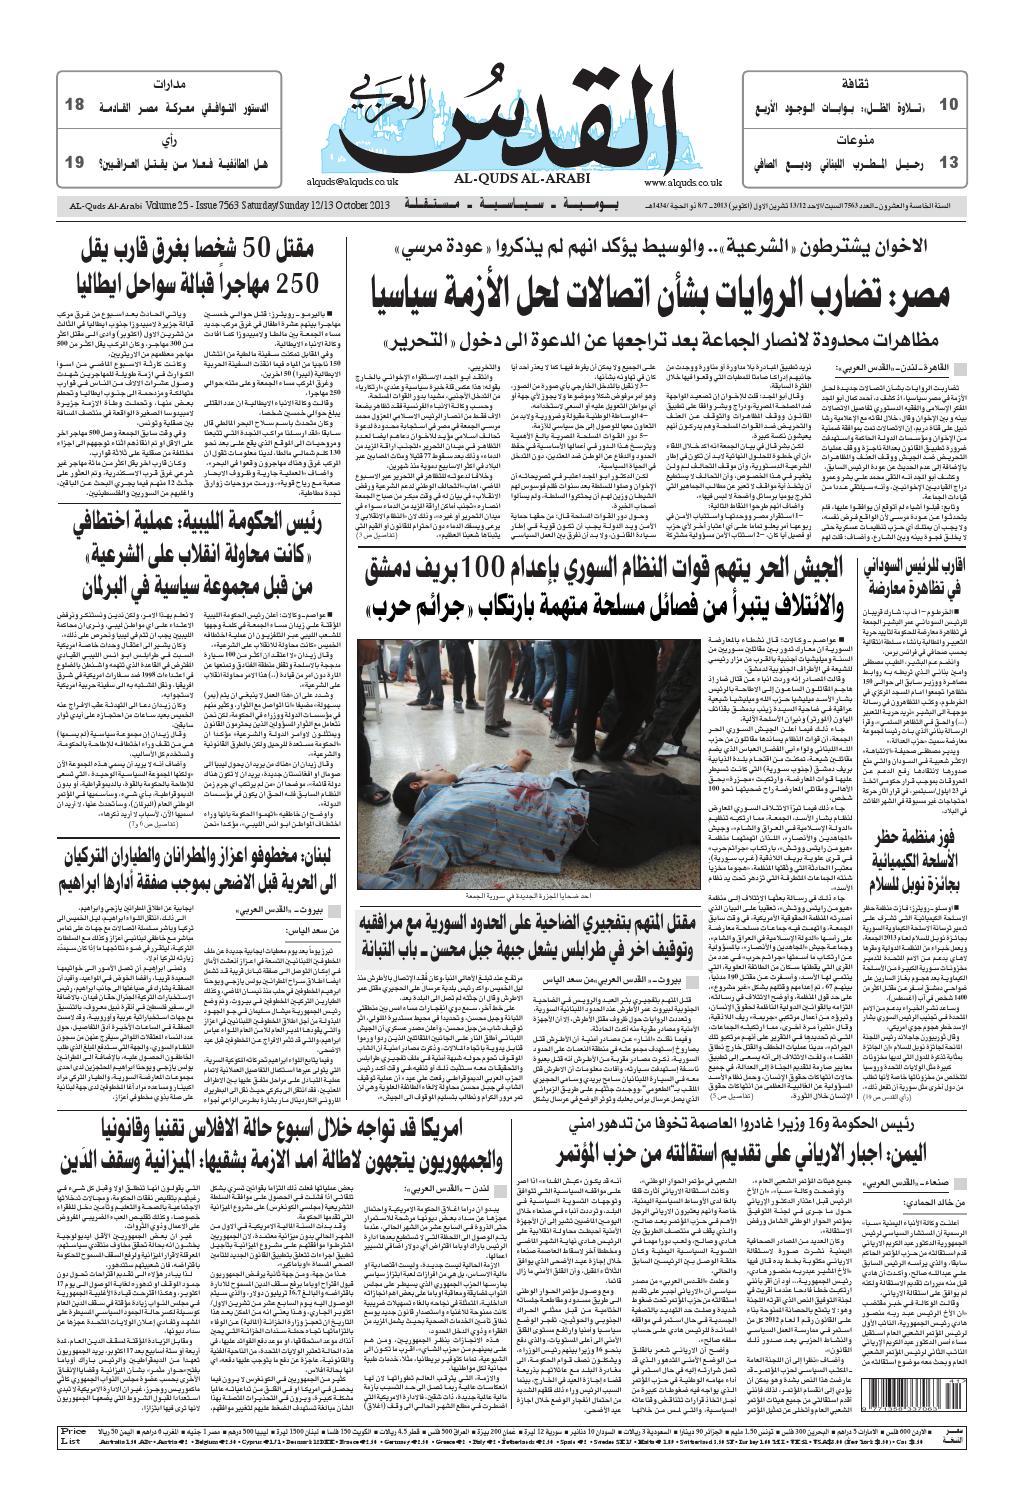 18470274a صحيفة القدس العربي , السبت والأحد 12/13.10.2013 by مركز الحدث - issuu